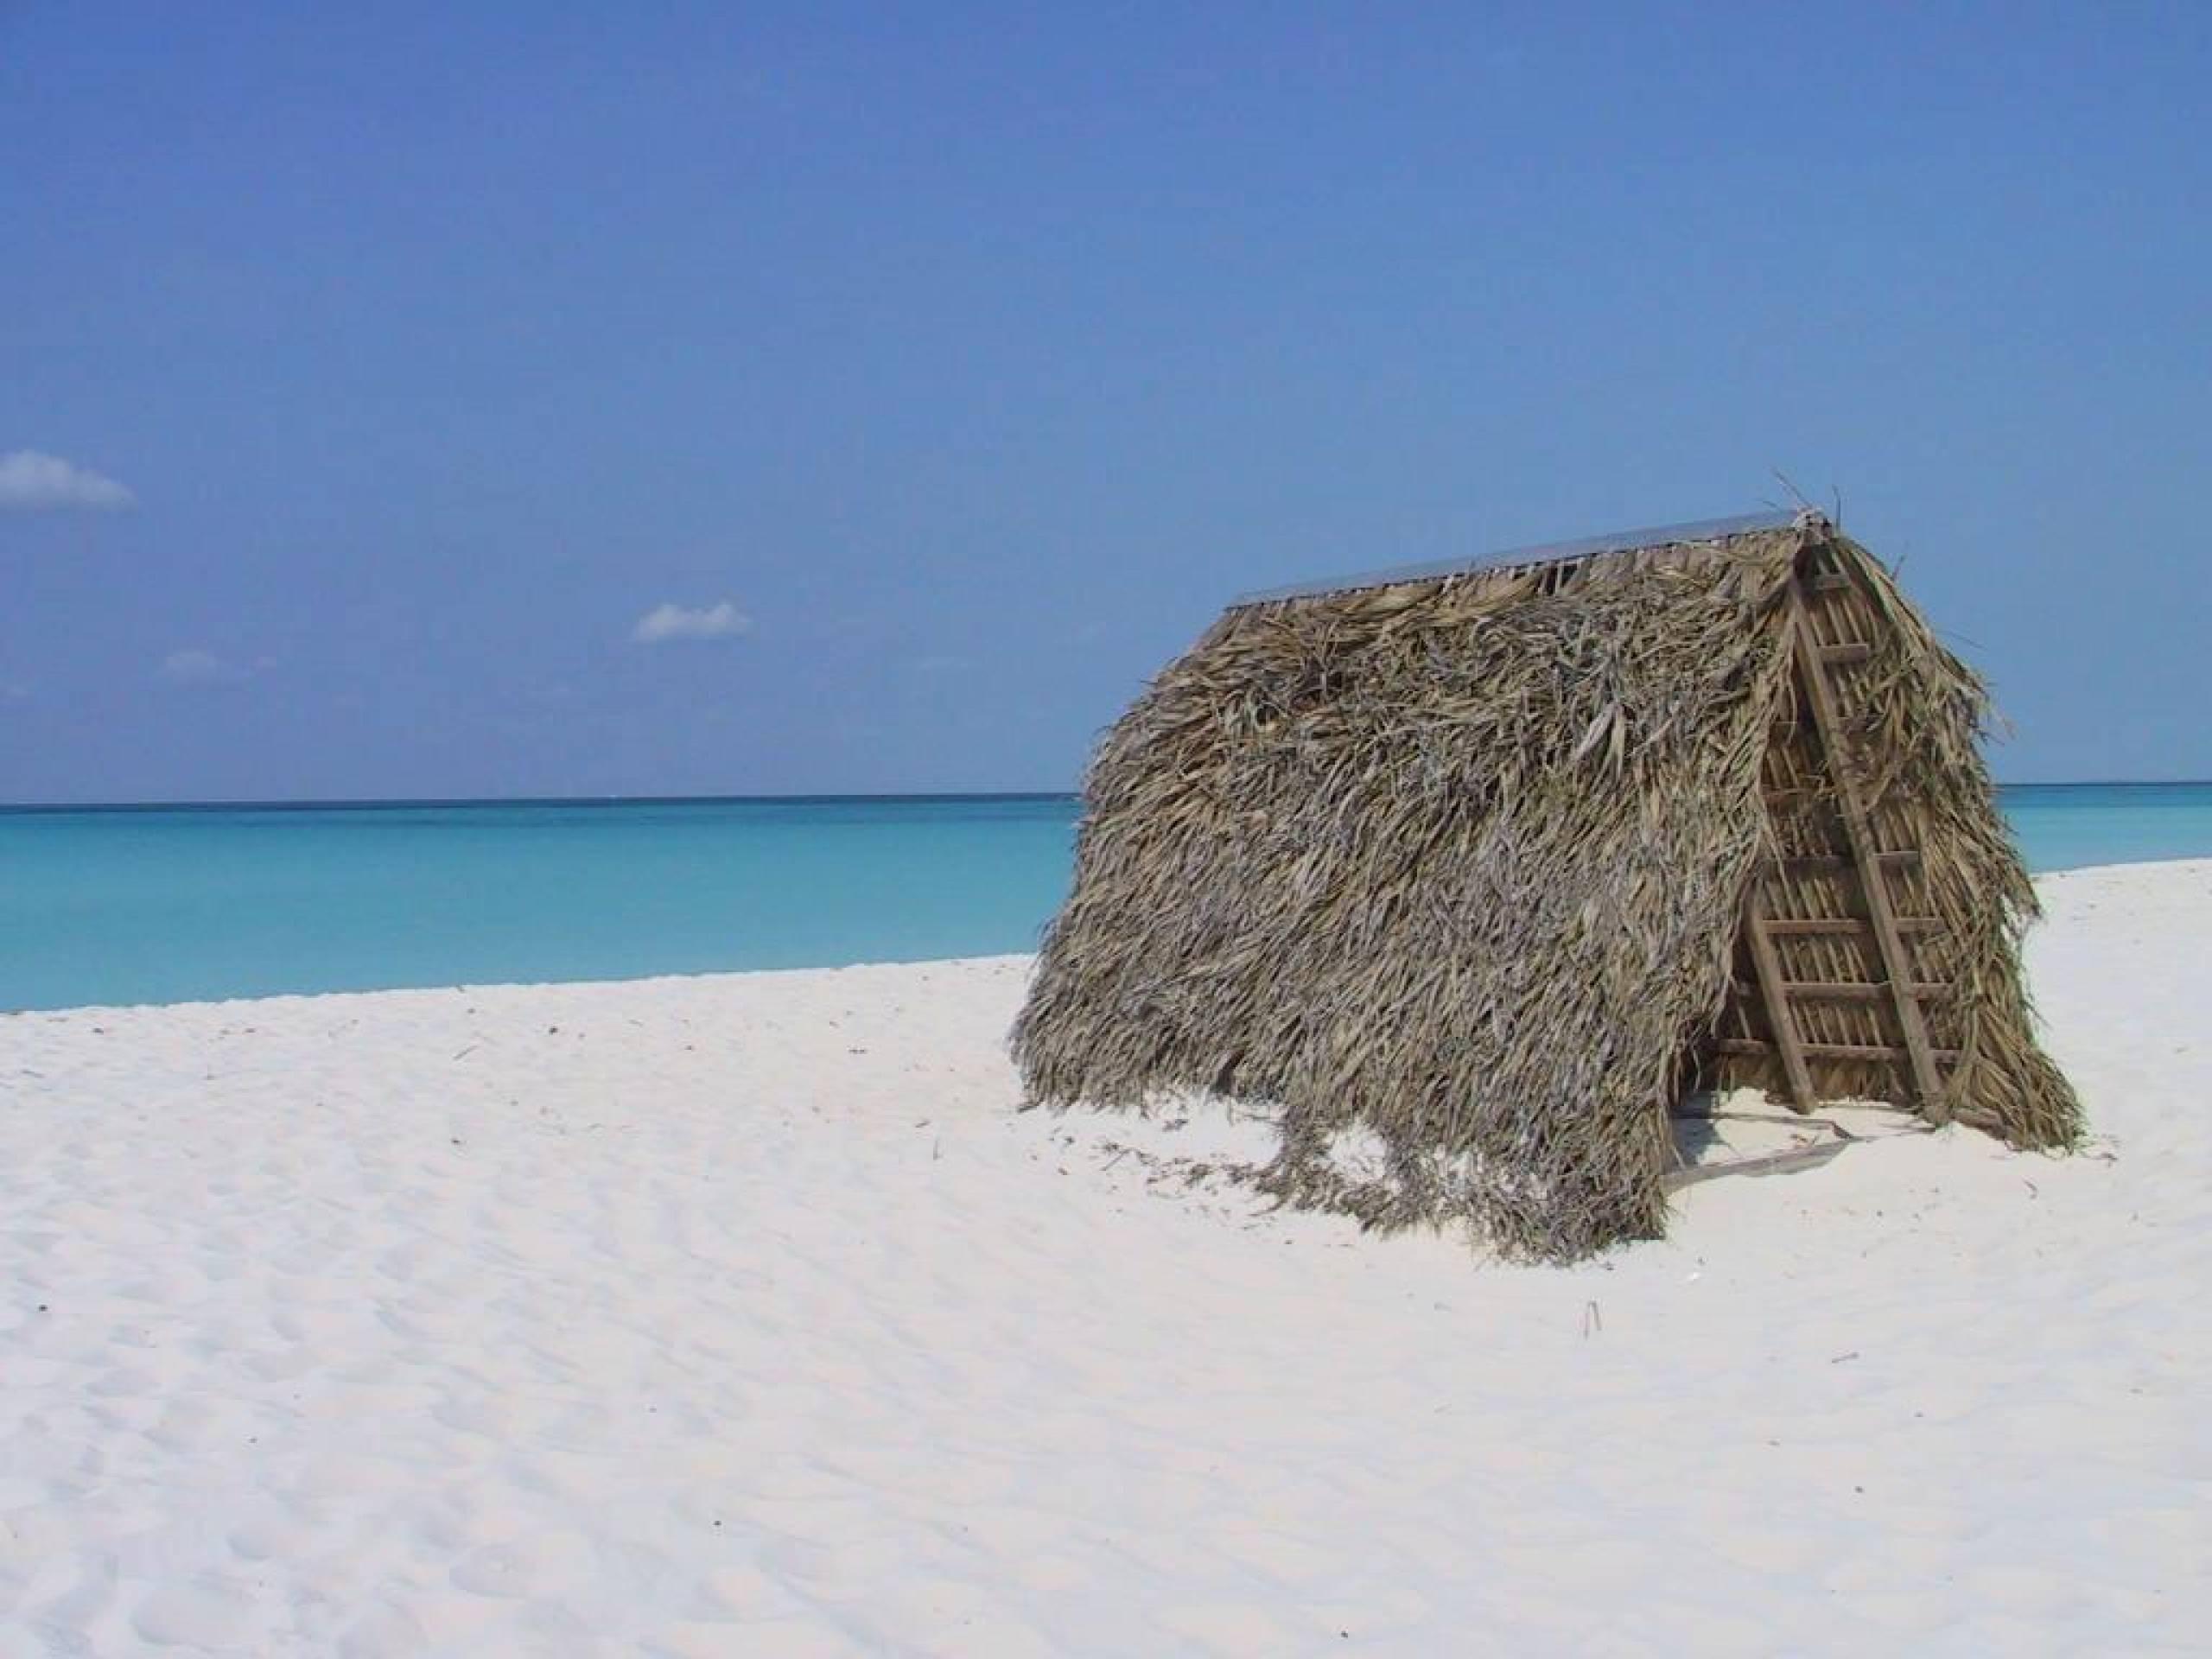 Фотографии кубинских пляжей 7 фотография